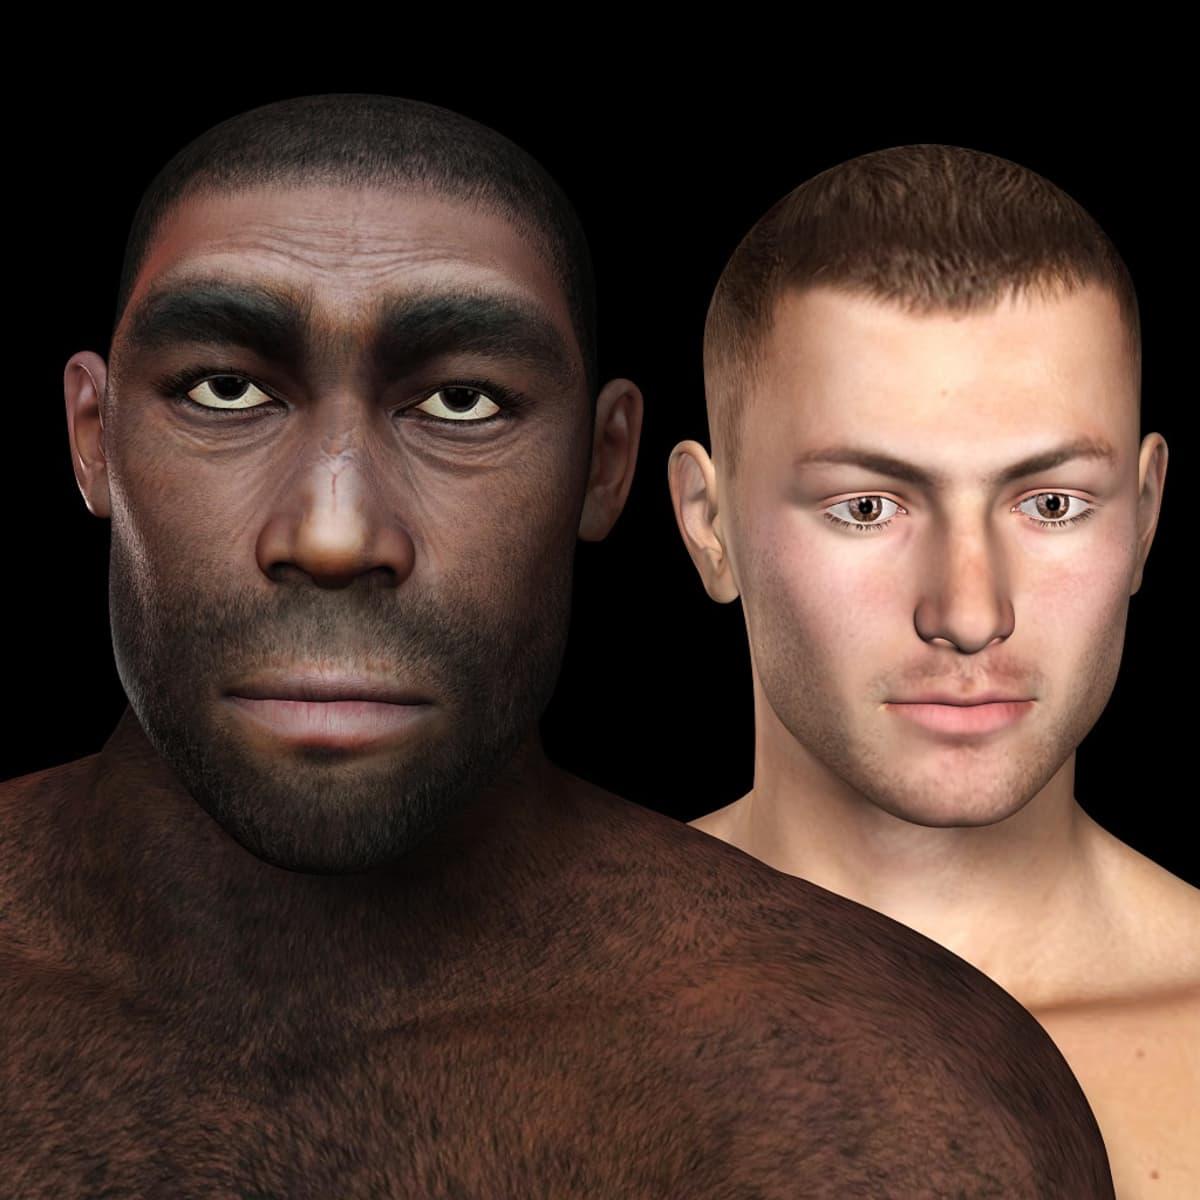 Piirroskuva kahdesta miehestä, kahdesta ihmislajista.